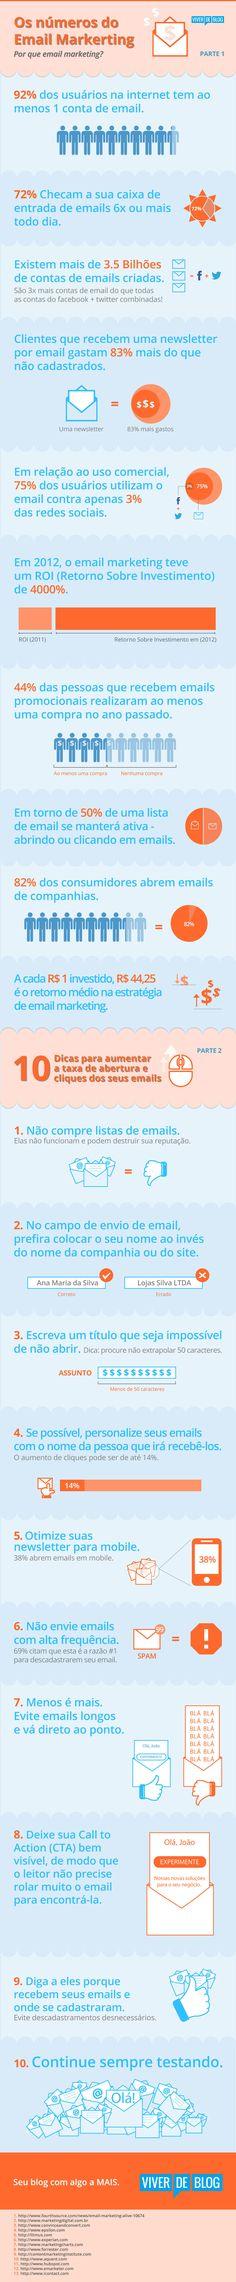 Infográfico: Email Marketing Tudo o que Você Precisa Saber sobre Email Marketing